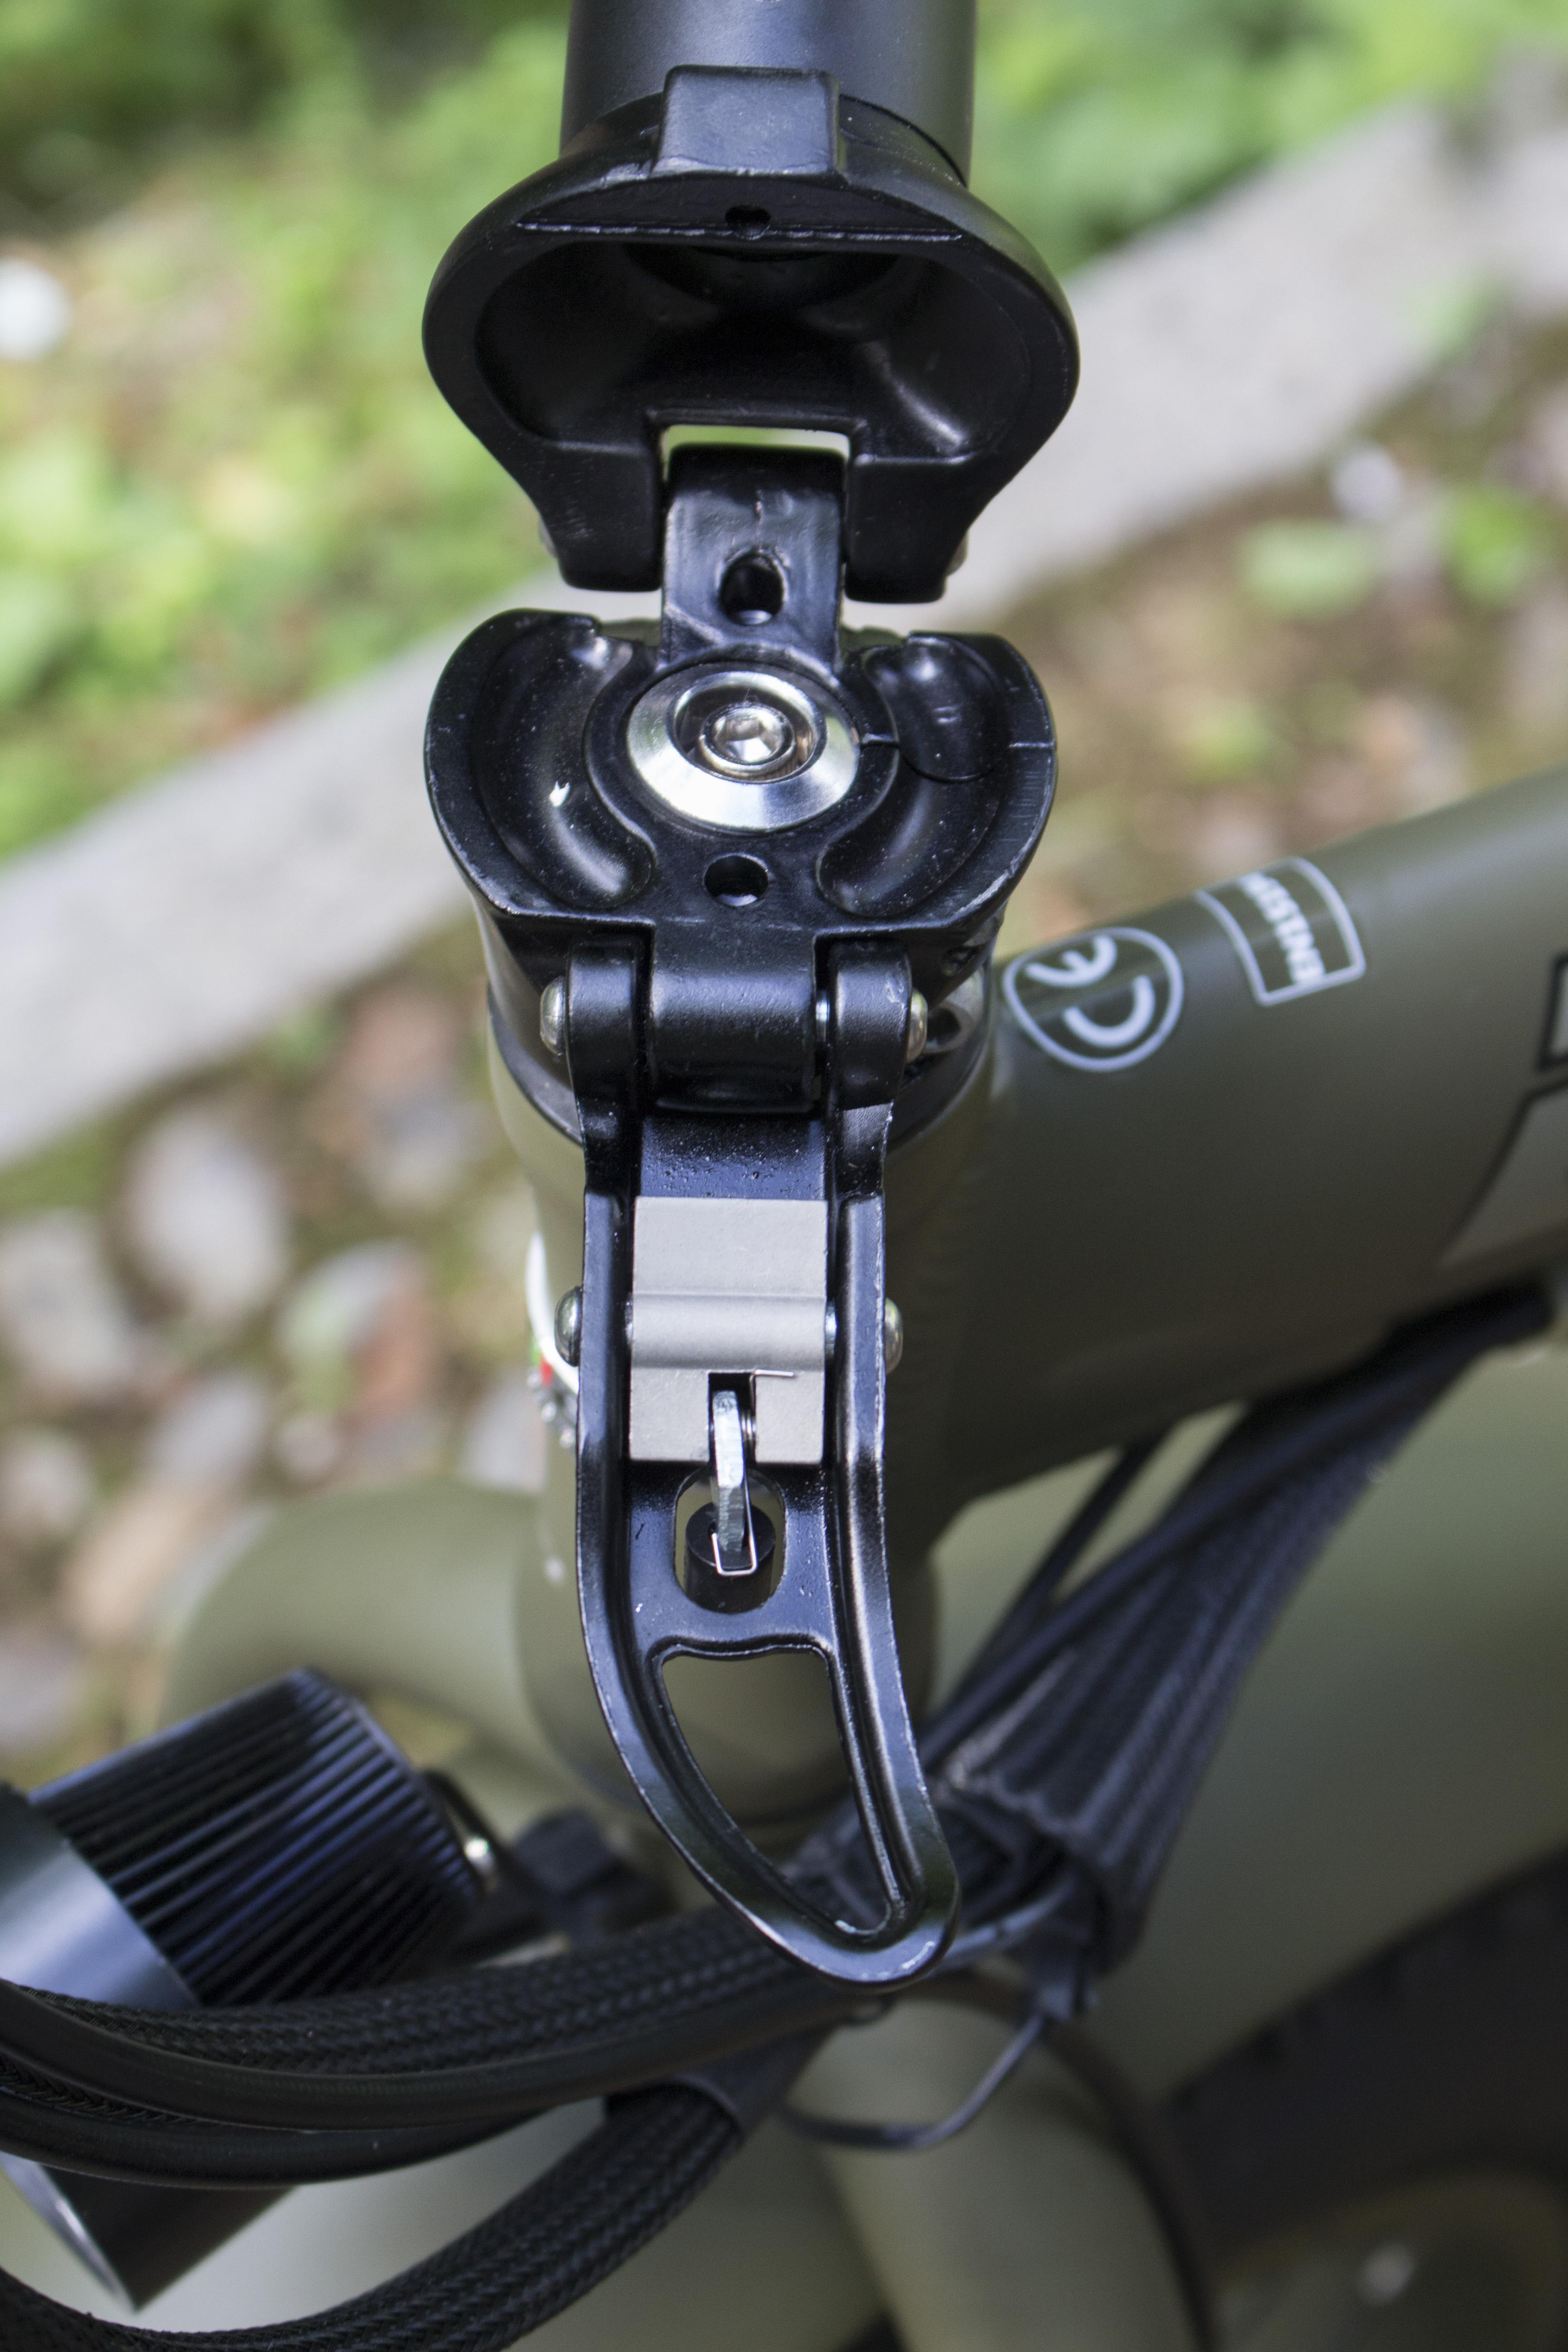 Bad bike presenta la prima fat bike elettrica e pieghevole for Bici ripiegabili